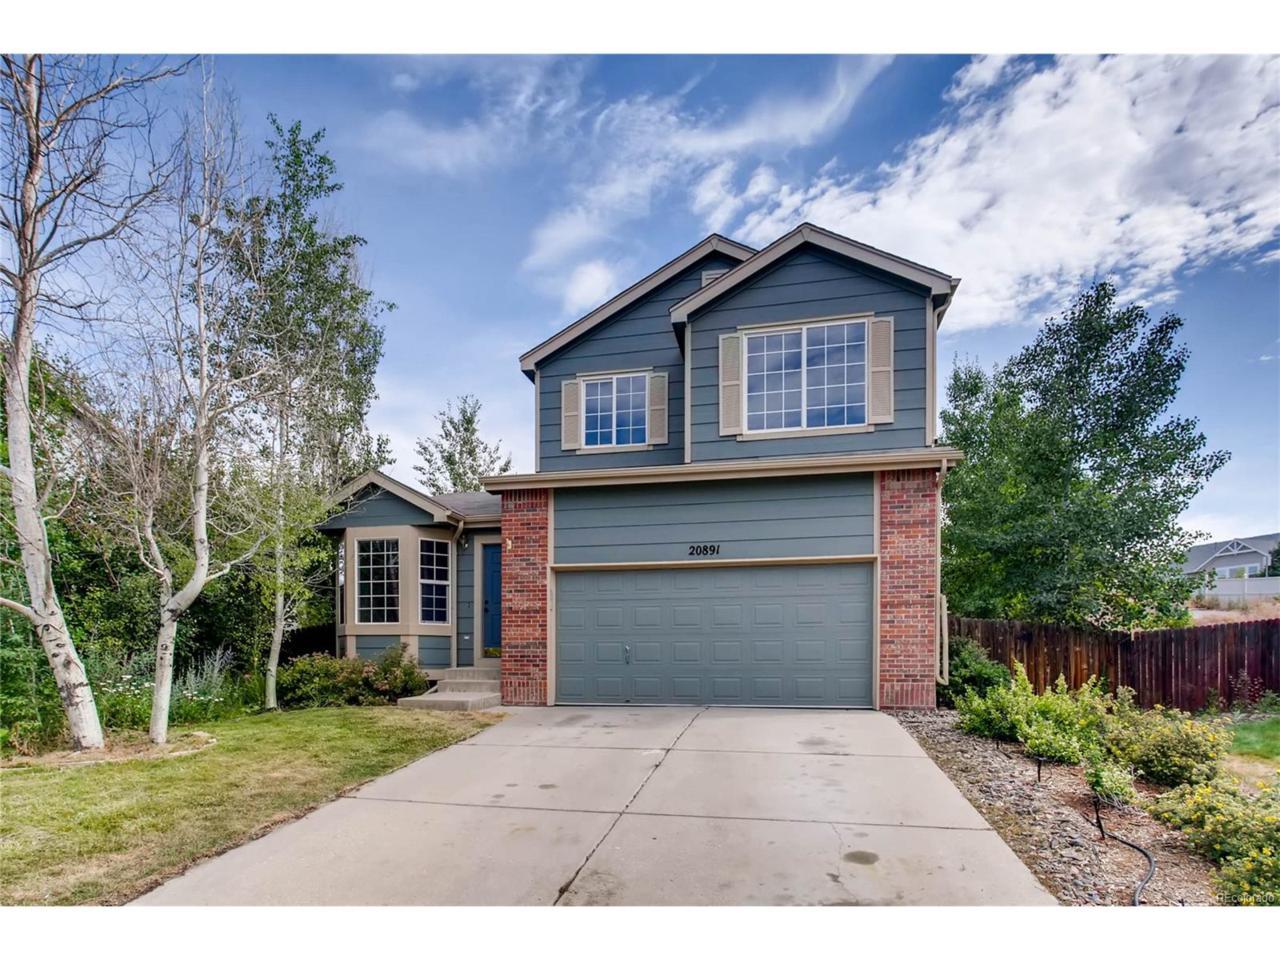 20891 E Kenyon Place, Aurora, CO 80013 (MLS #2237395) :: 8z Real Estate